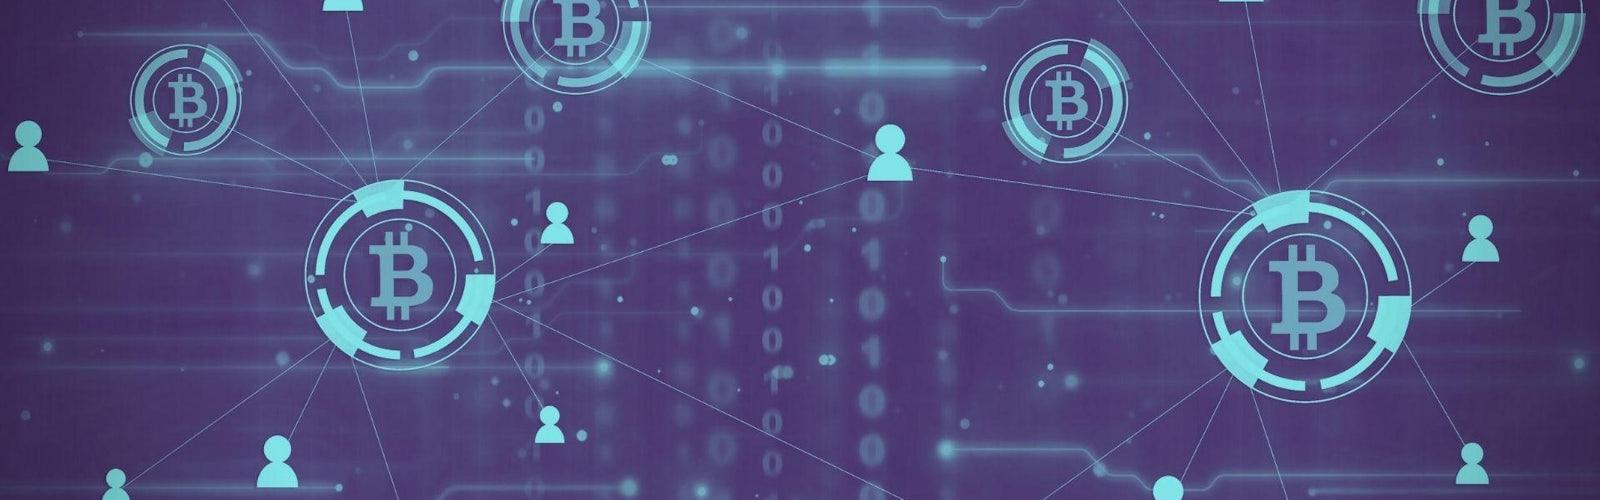 Sportwetten Anbieter Bitcoin